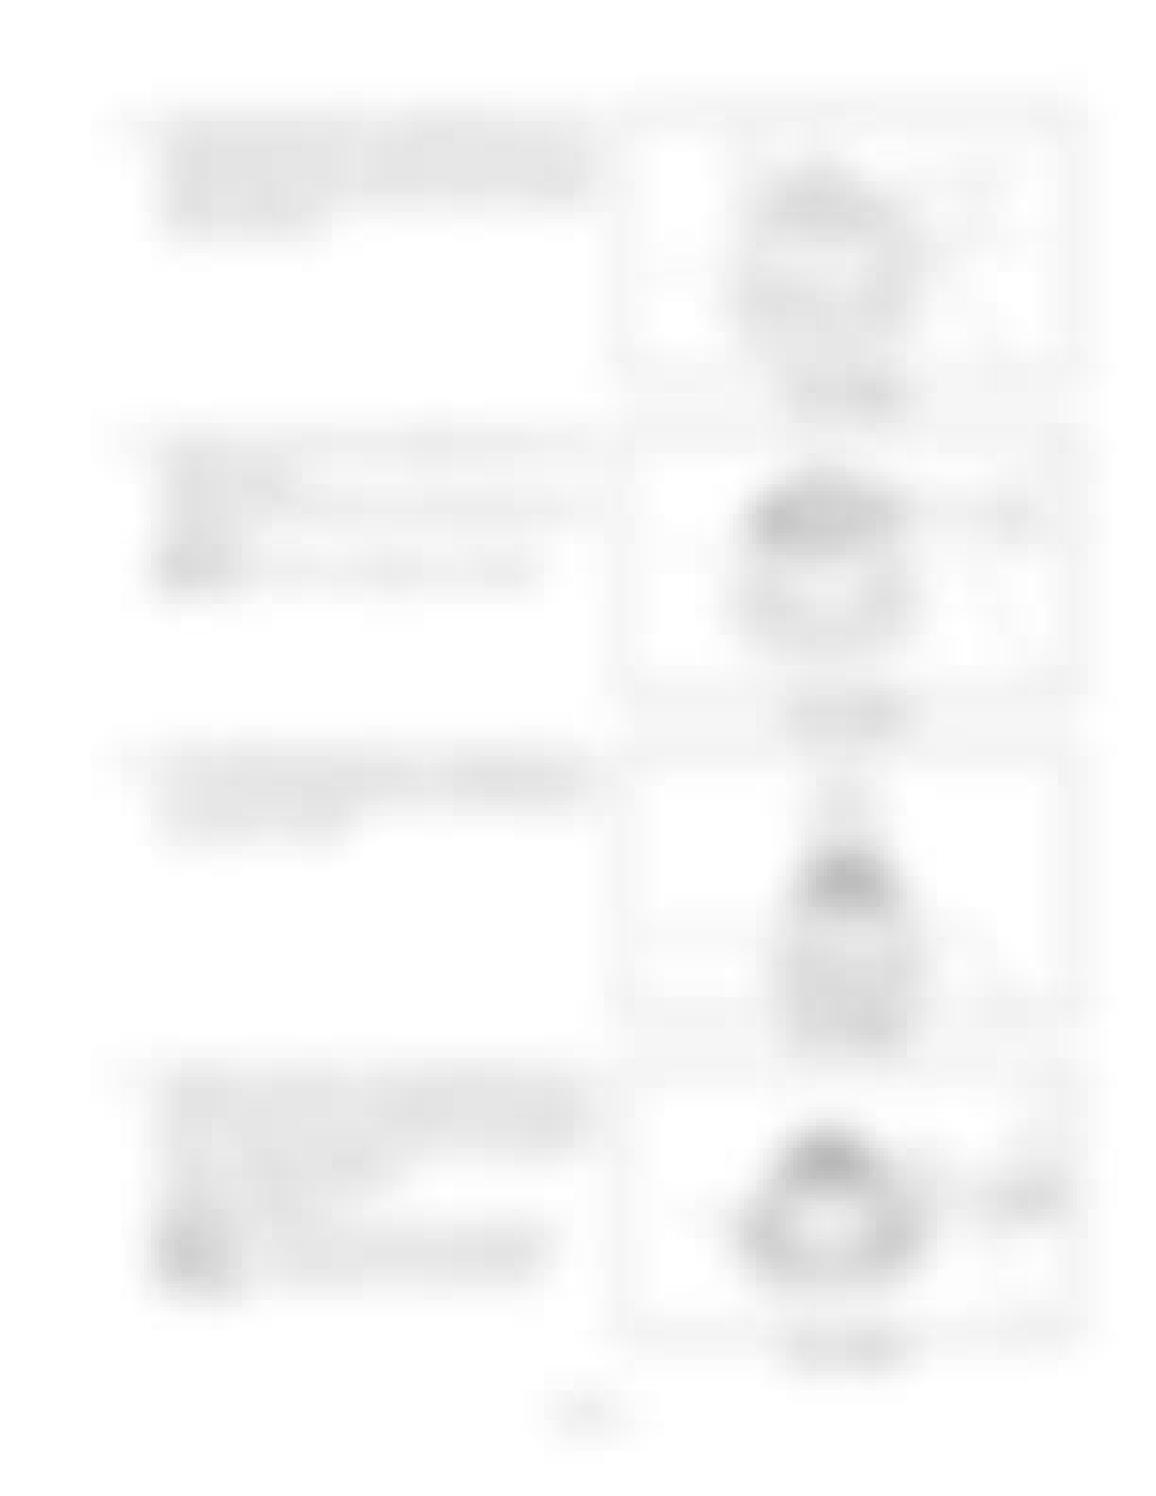 Hitachi LX110-7 LX130-7 LX160-7 LX190-7 LX230-7 Wheel Loader Workshop Manual - PDF DOWNLOAD page 199